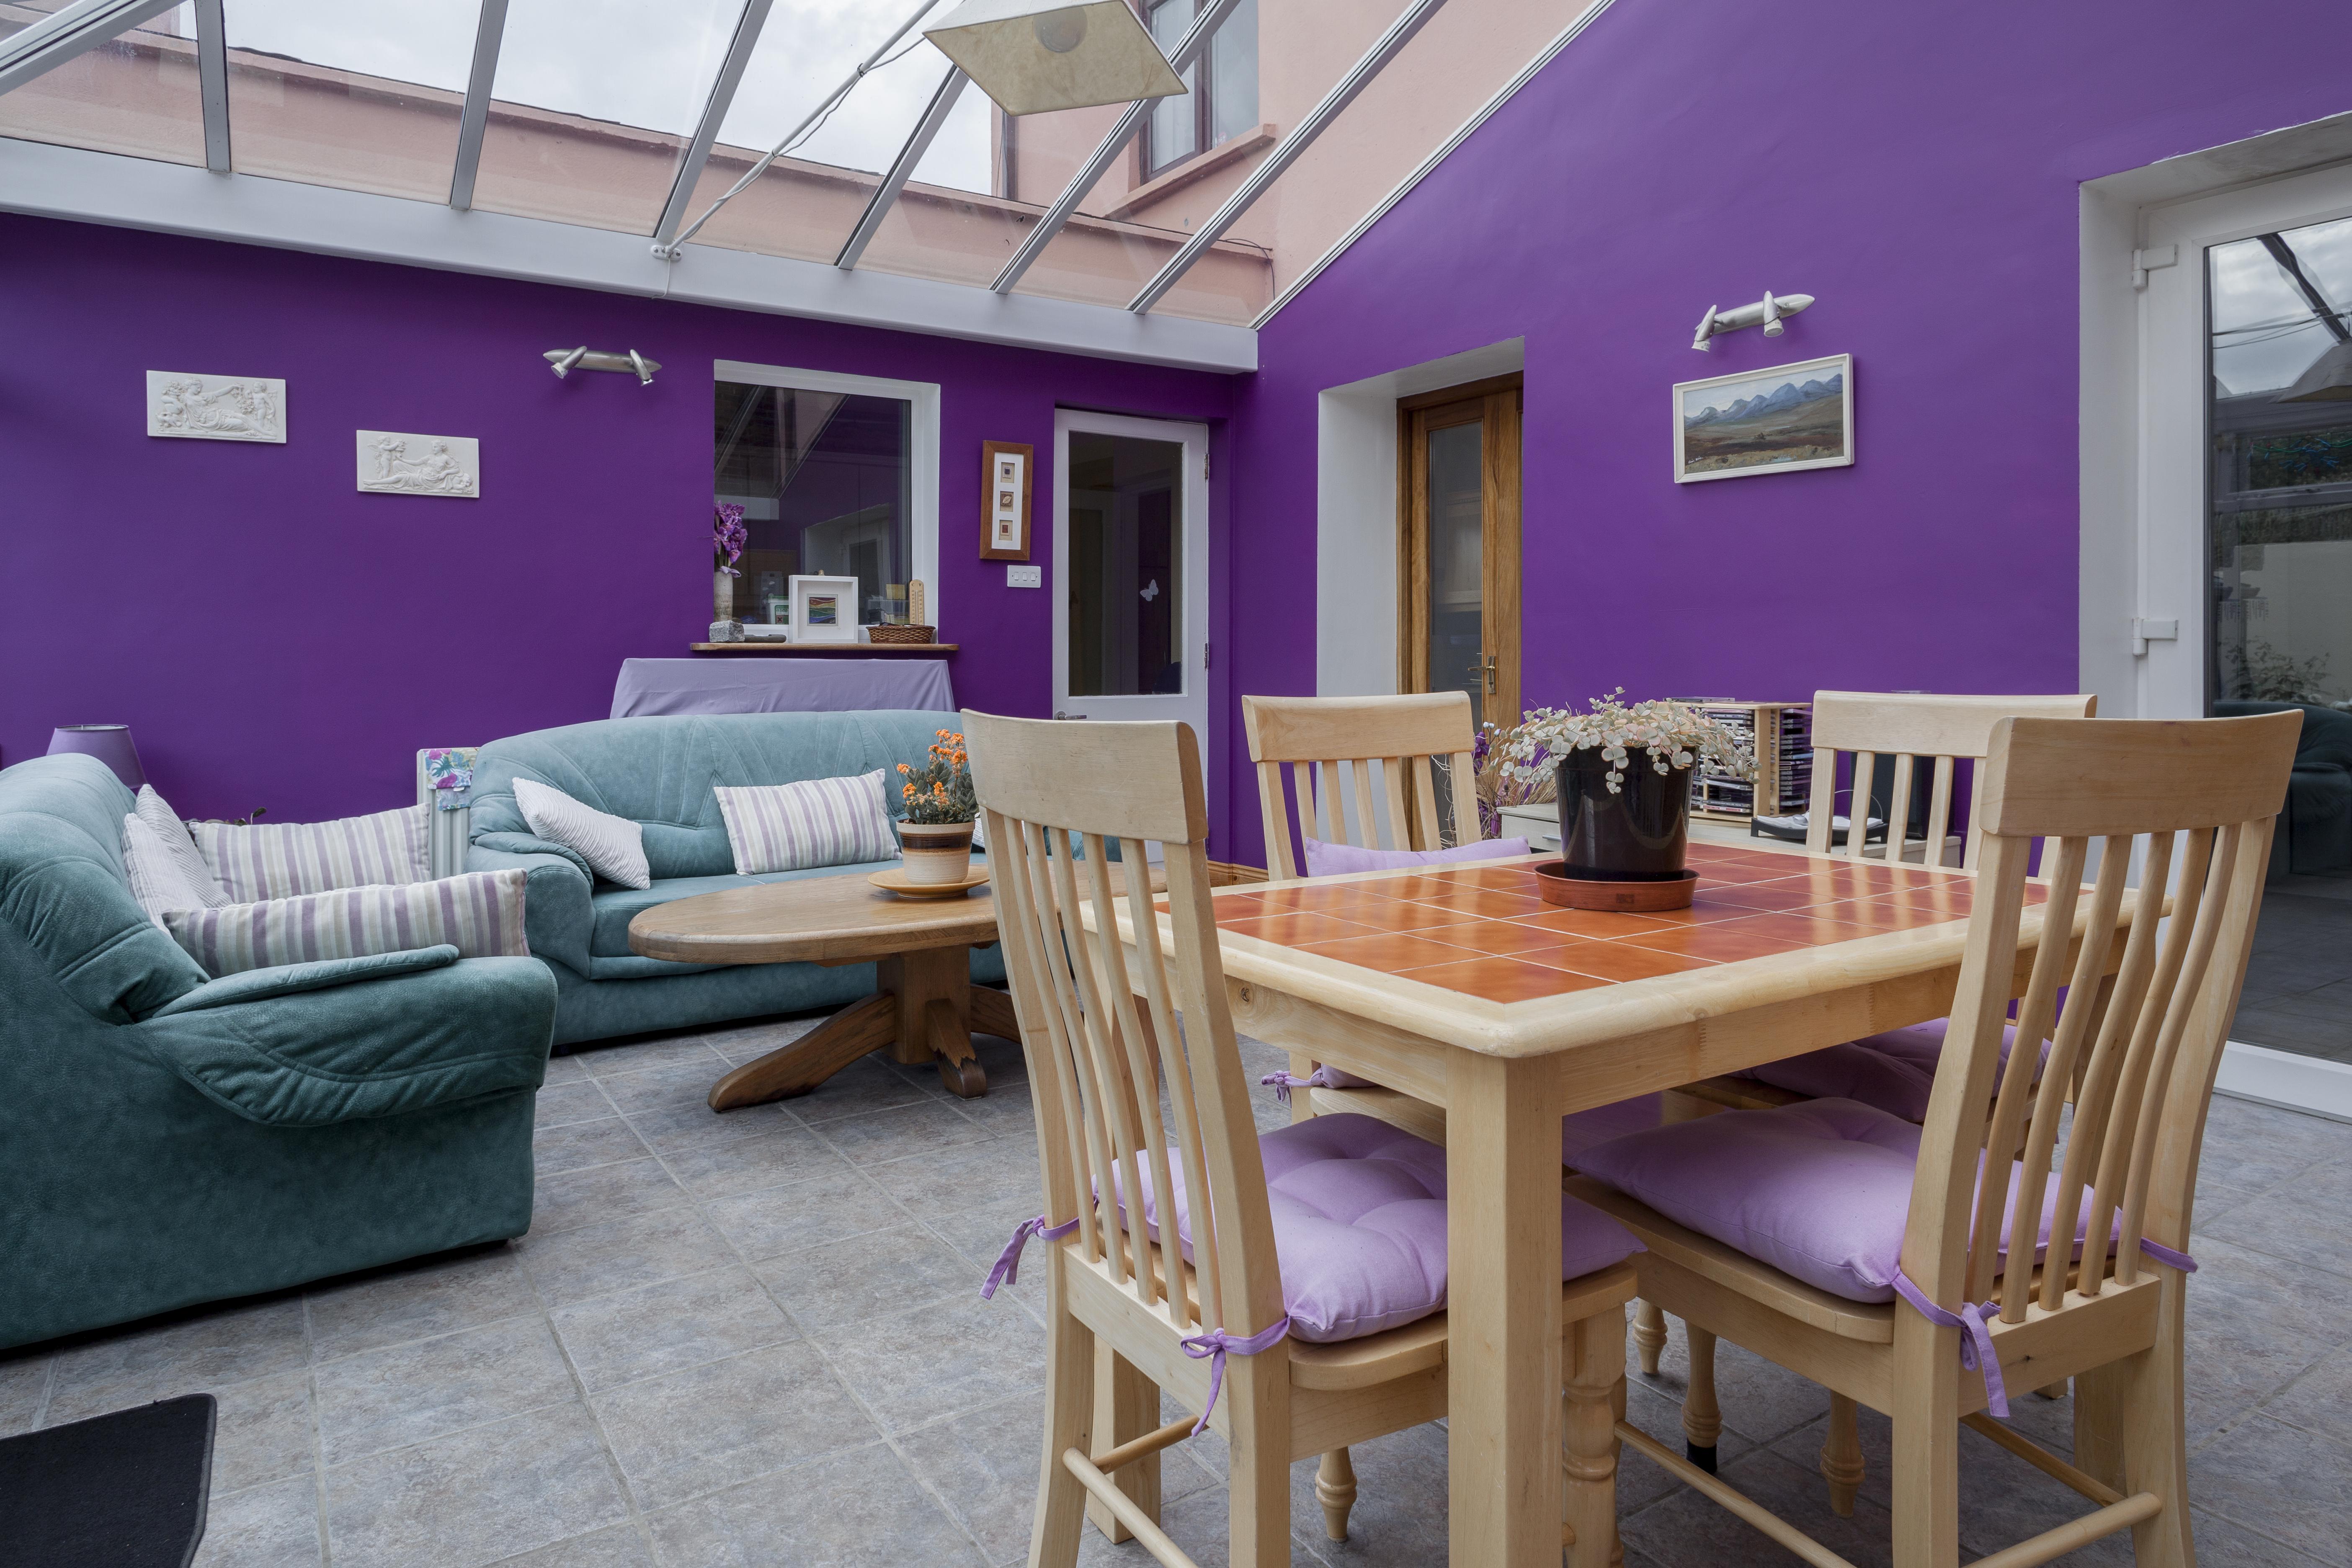 4 Beds, 2 Bedrooms, Bathroom, Breakfast, Sandyford - Airbnb